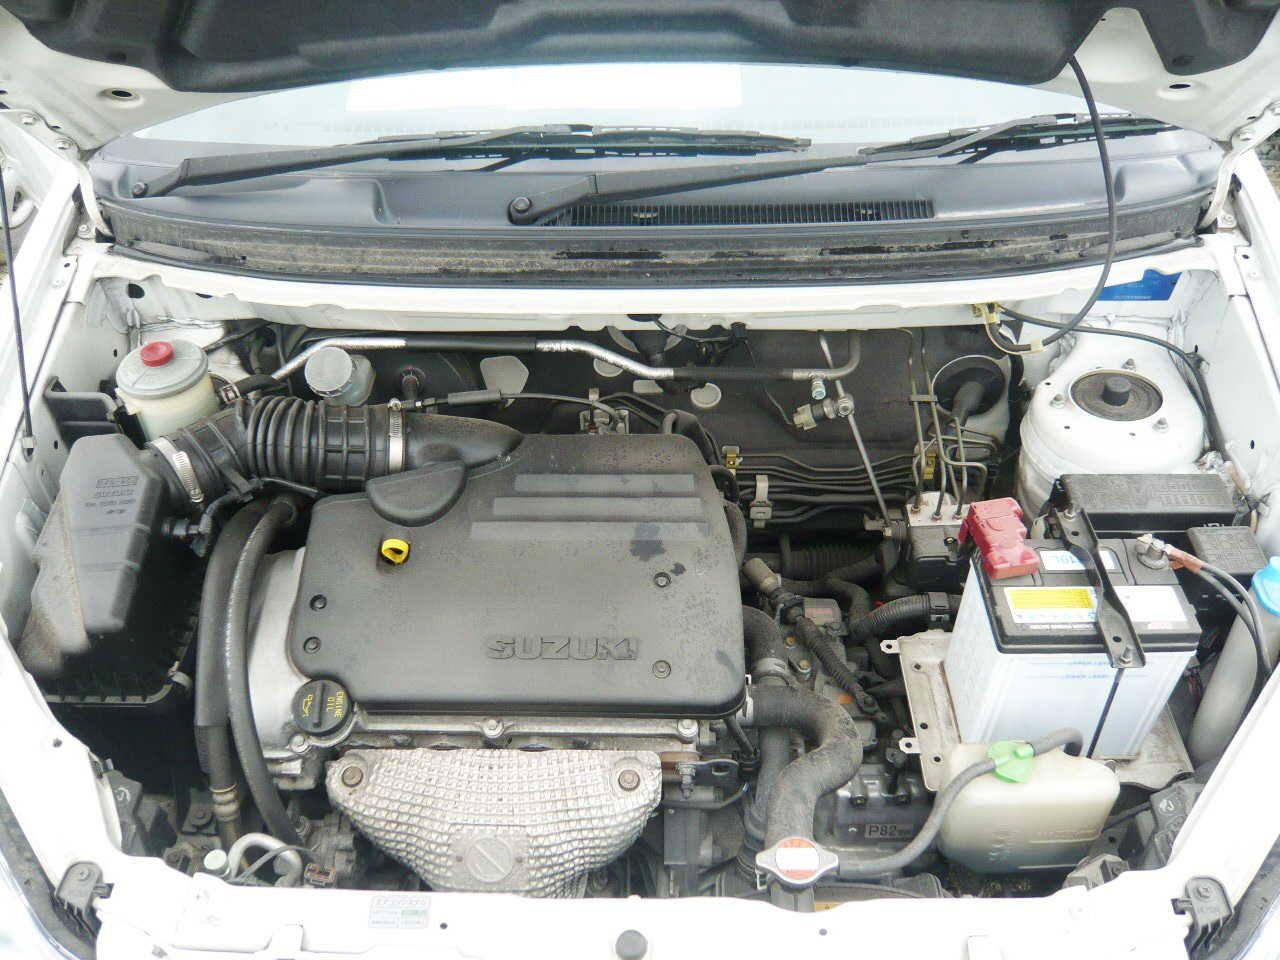 hight resolution of 2007 suzuki forenza gas engine gas 20l part name 2007 suzuki 742336633976c06d258440b7b9149bb5 500532946061314274 of suzuki